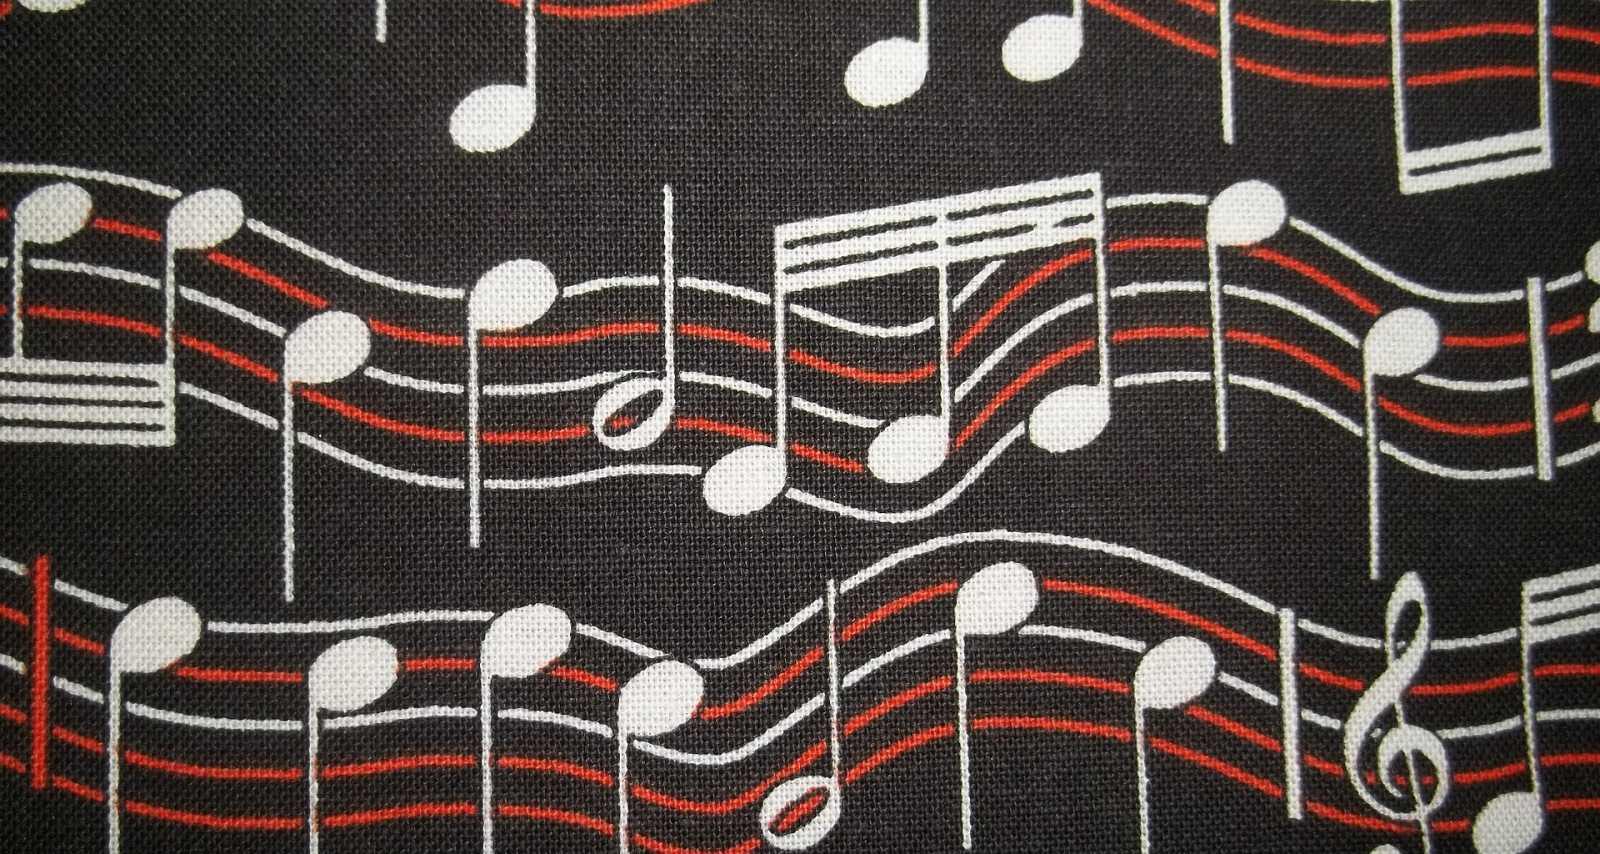 En clave de 5 - Sinfonías españolas - primera parte - 06/03/21 - Escuchar ahora